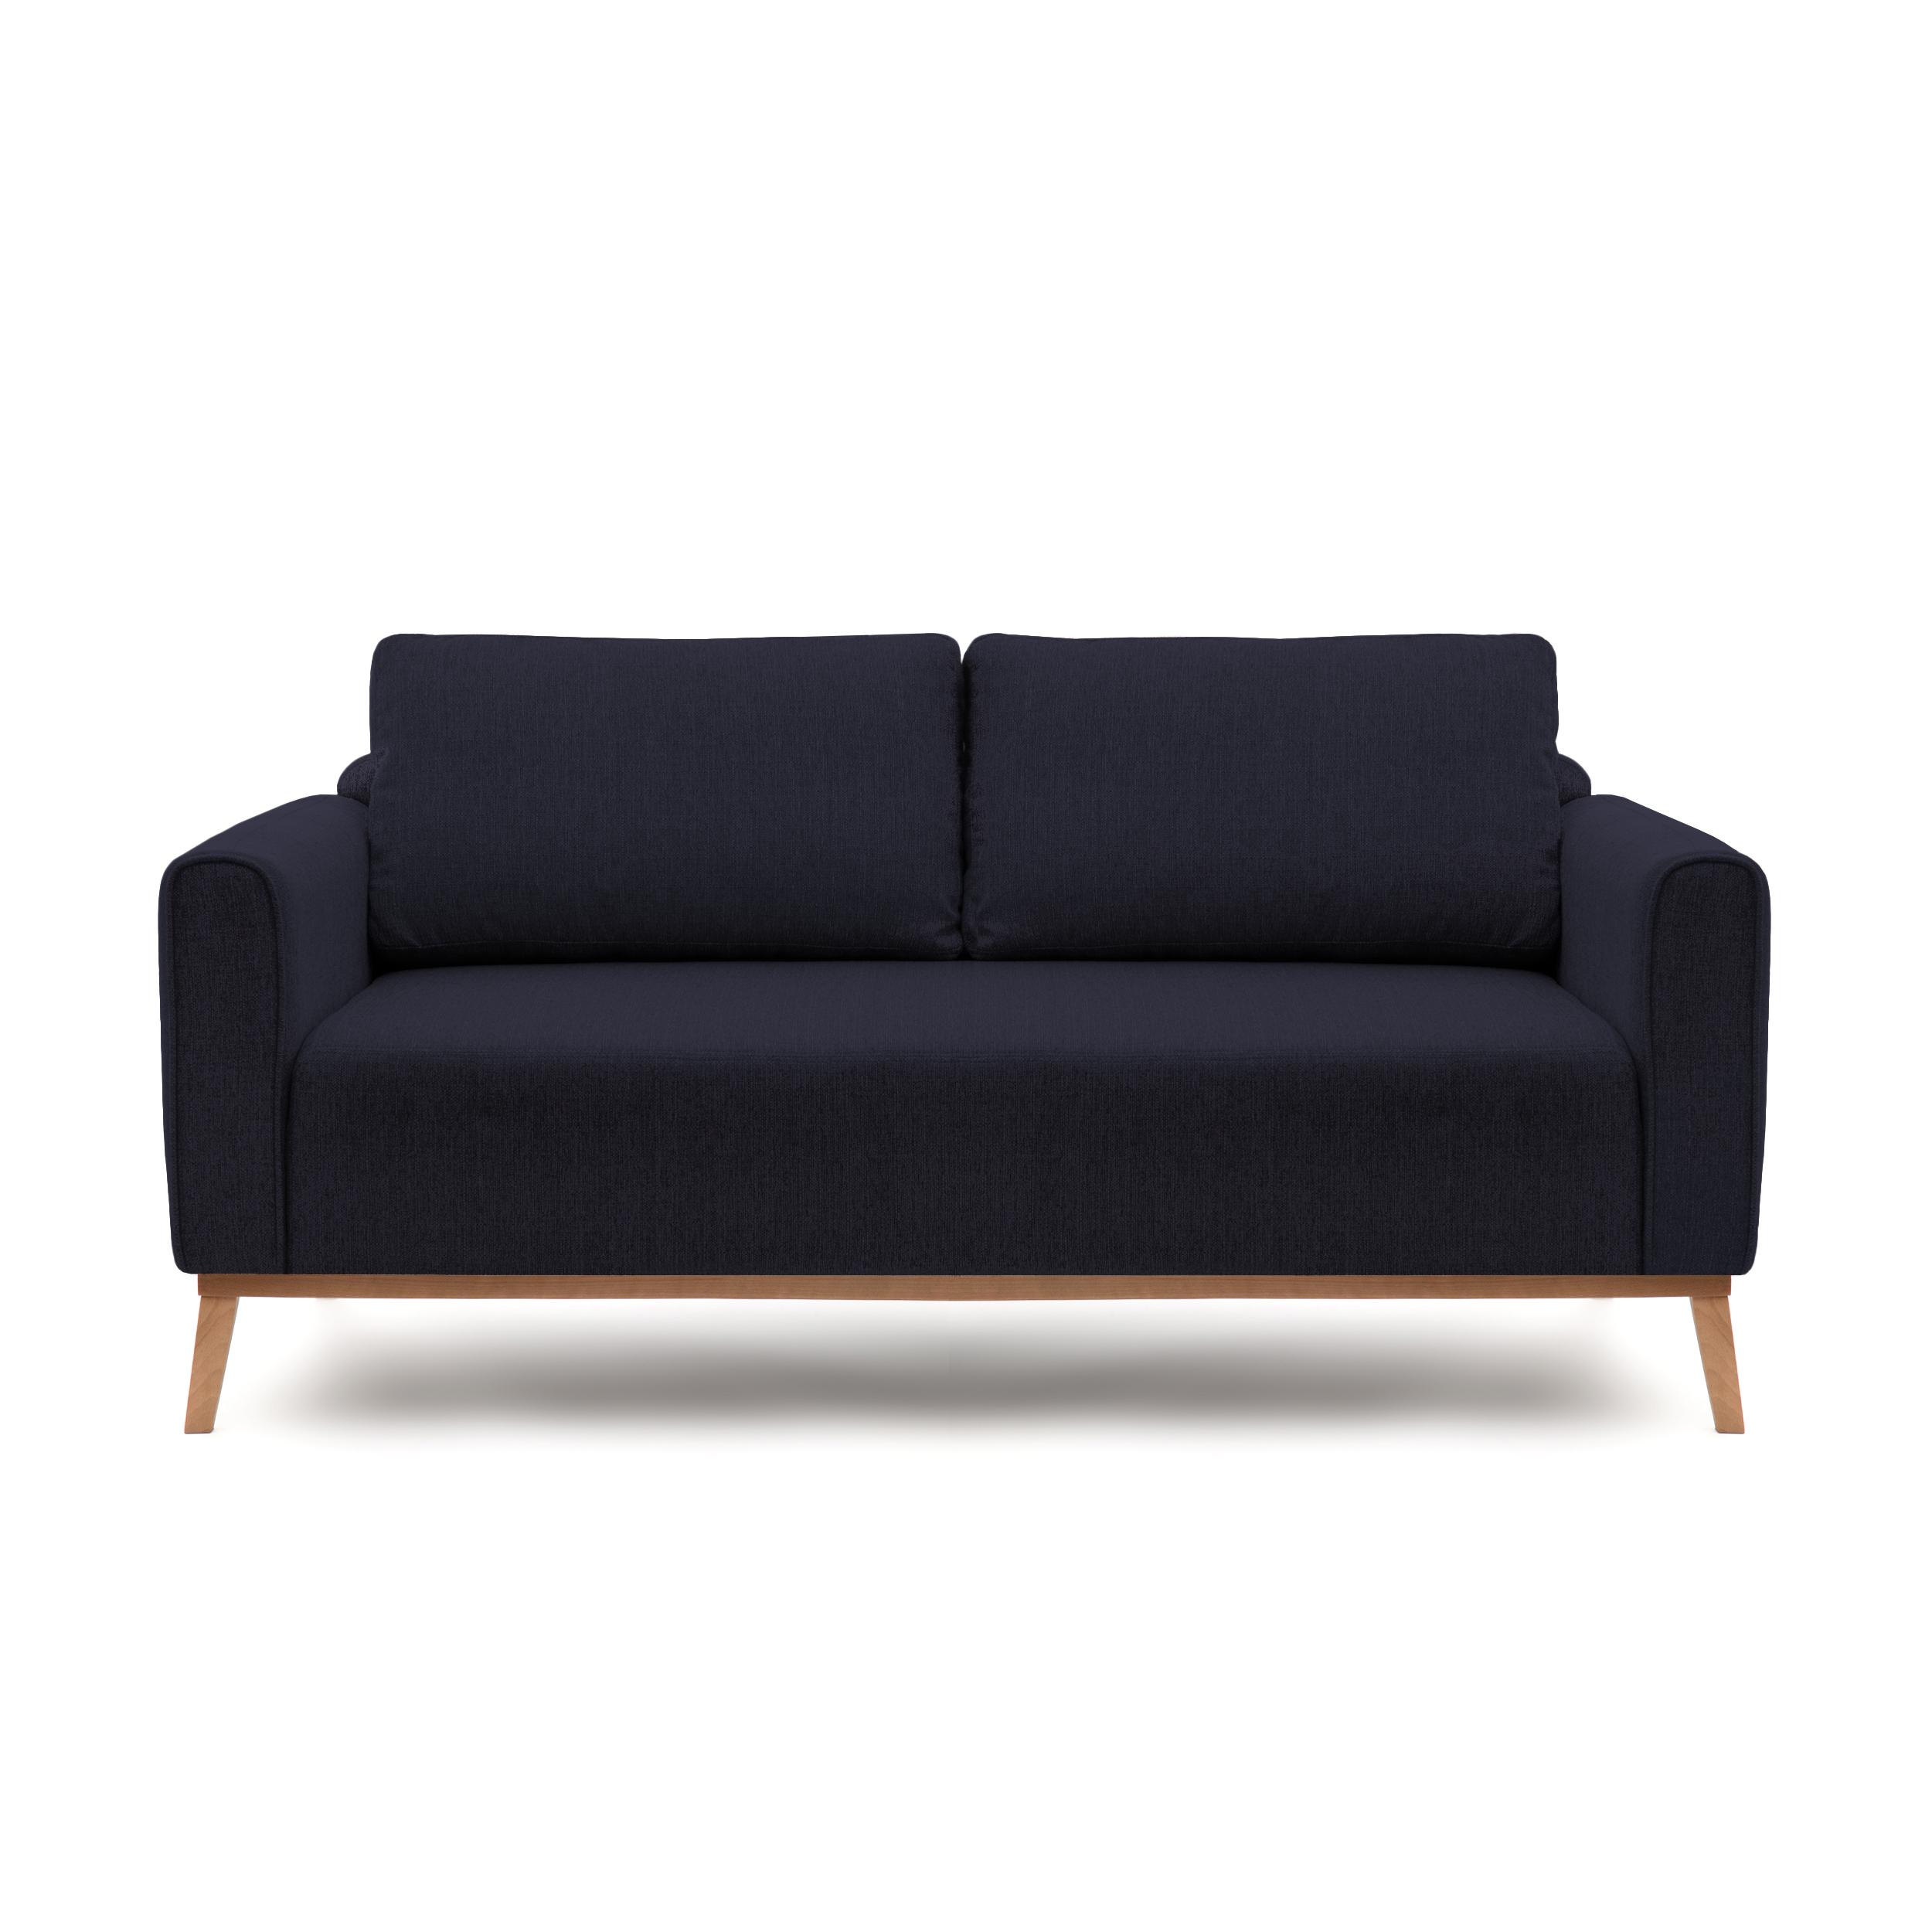 Canapea Fixa 3 locuri Milton Dark Blue